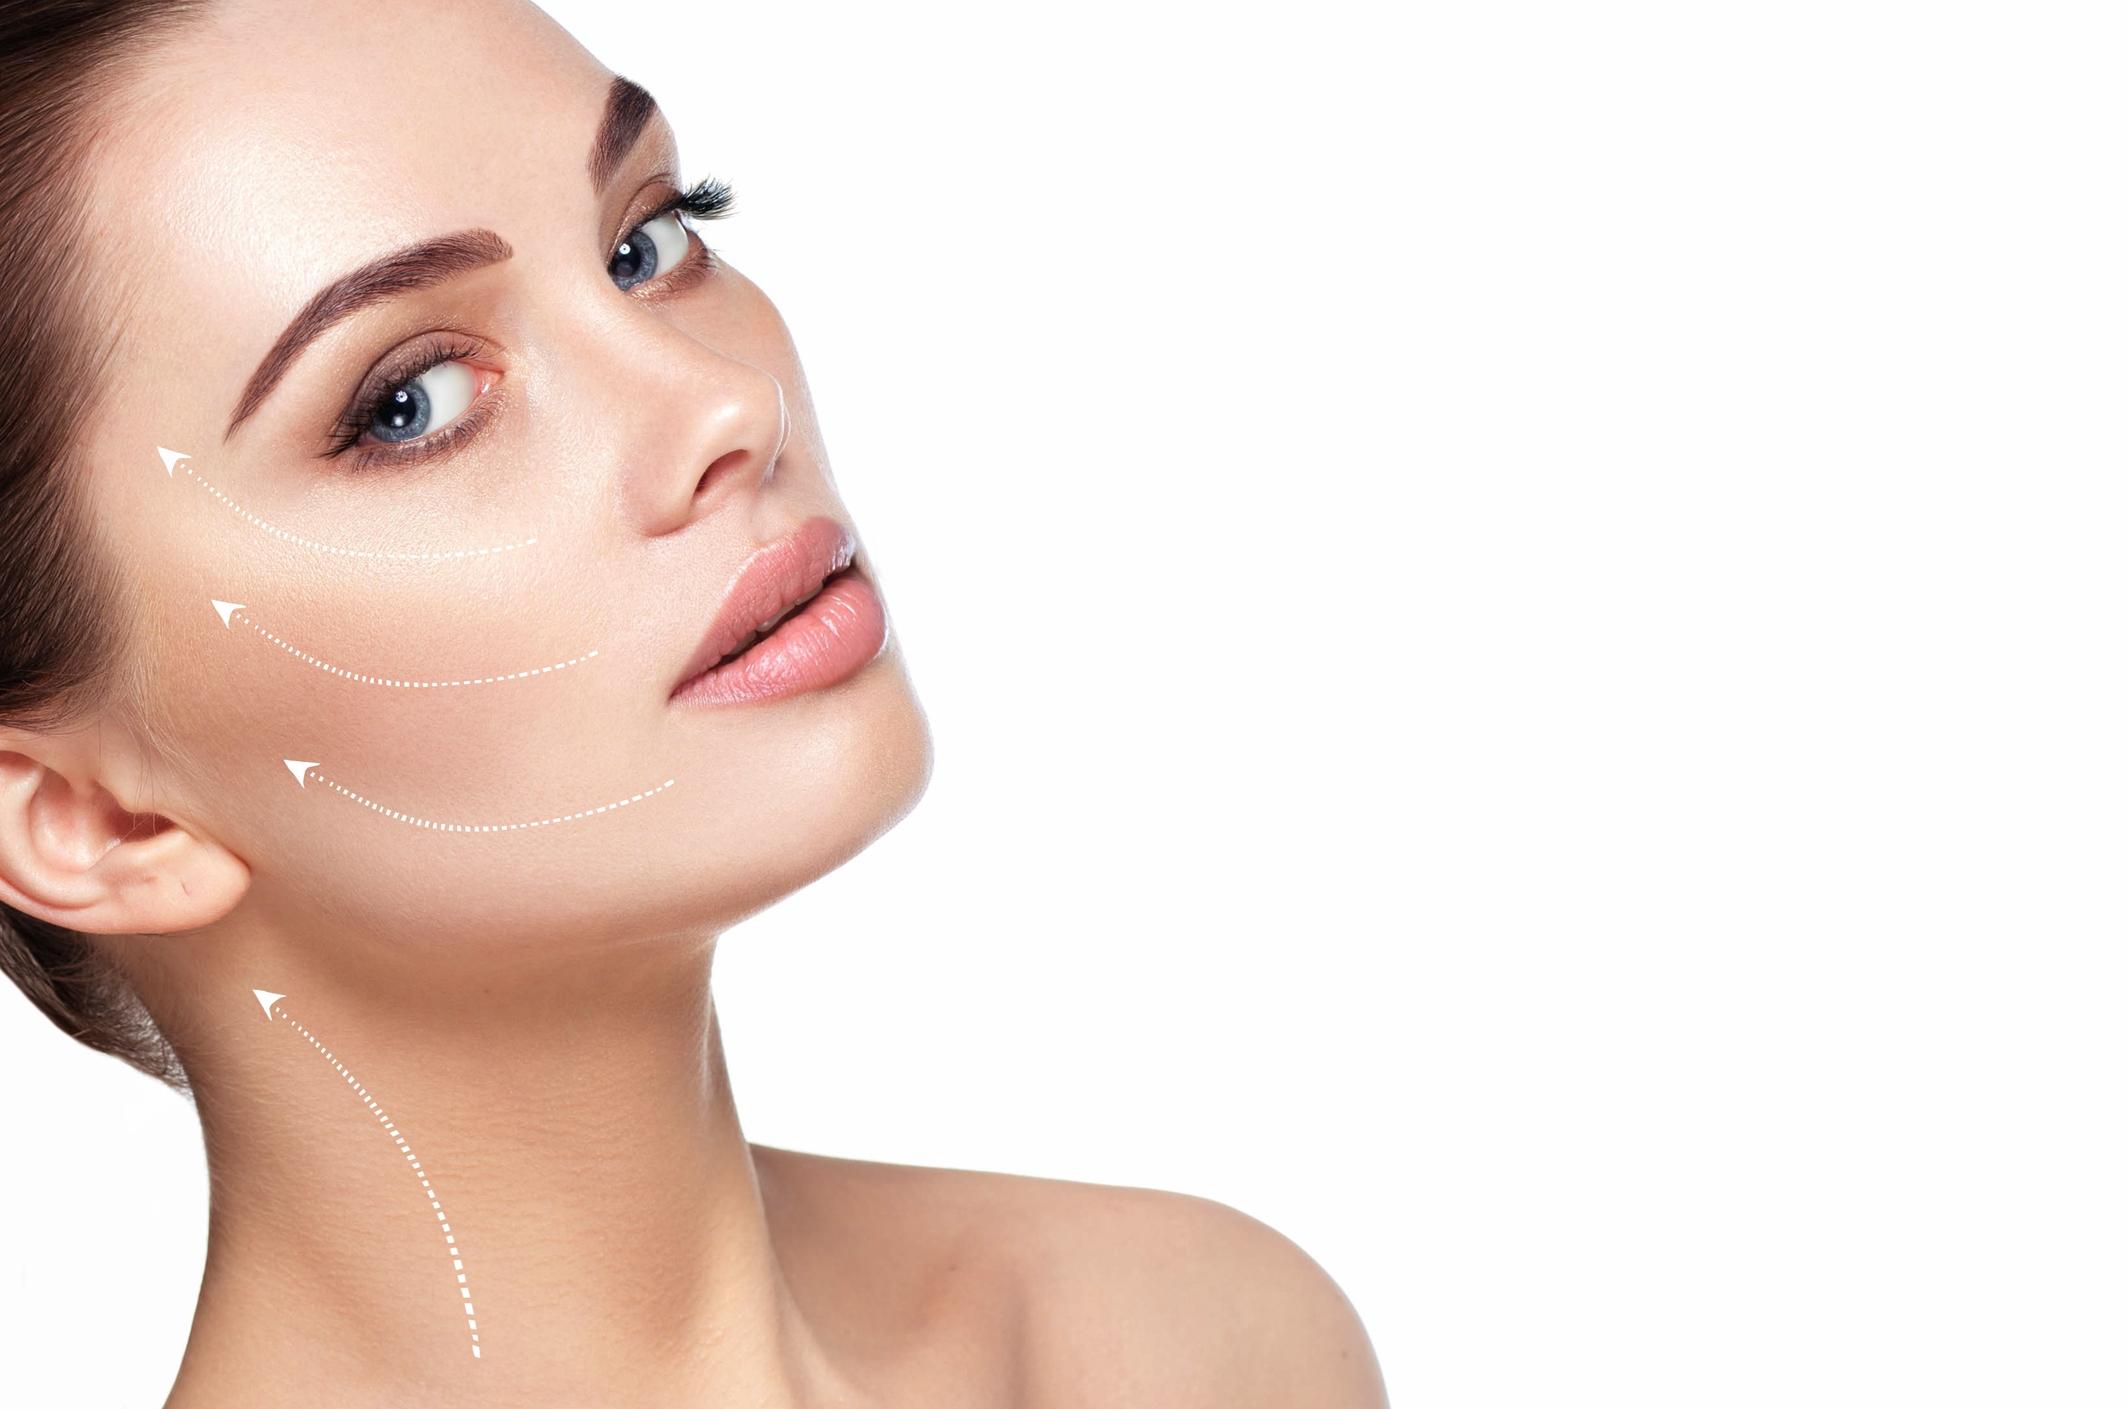 esthetische gezichtsverzorging, cosmetologie